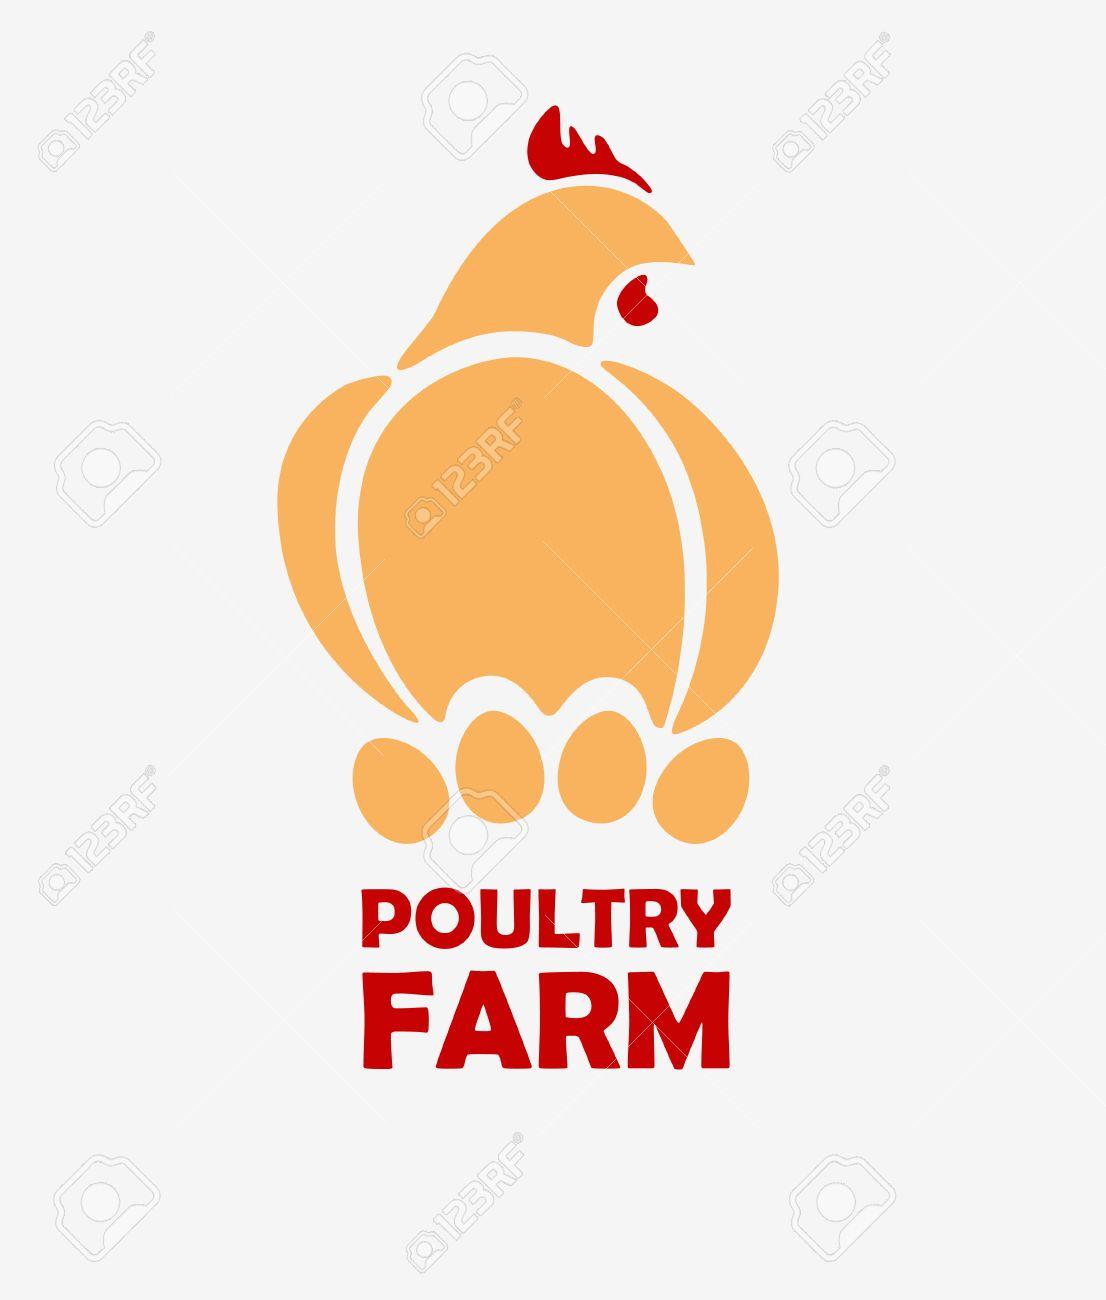 chicken logo design template stylizing hen eggs hatch icon such